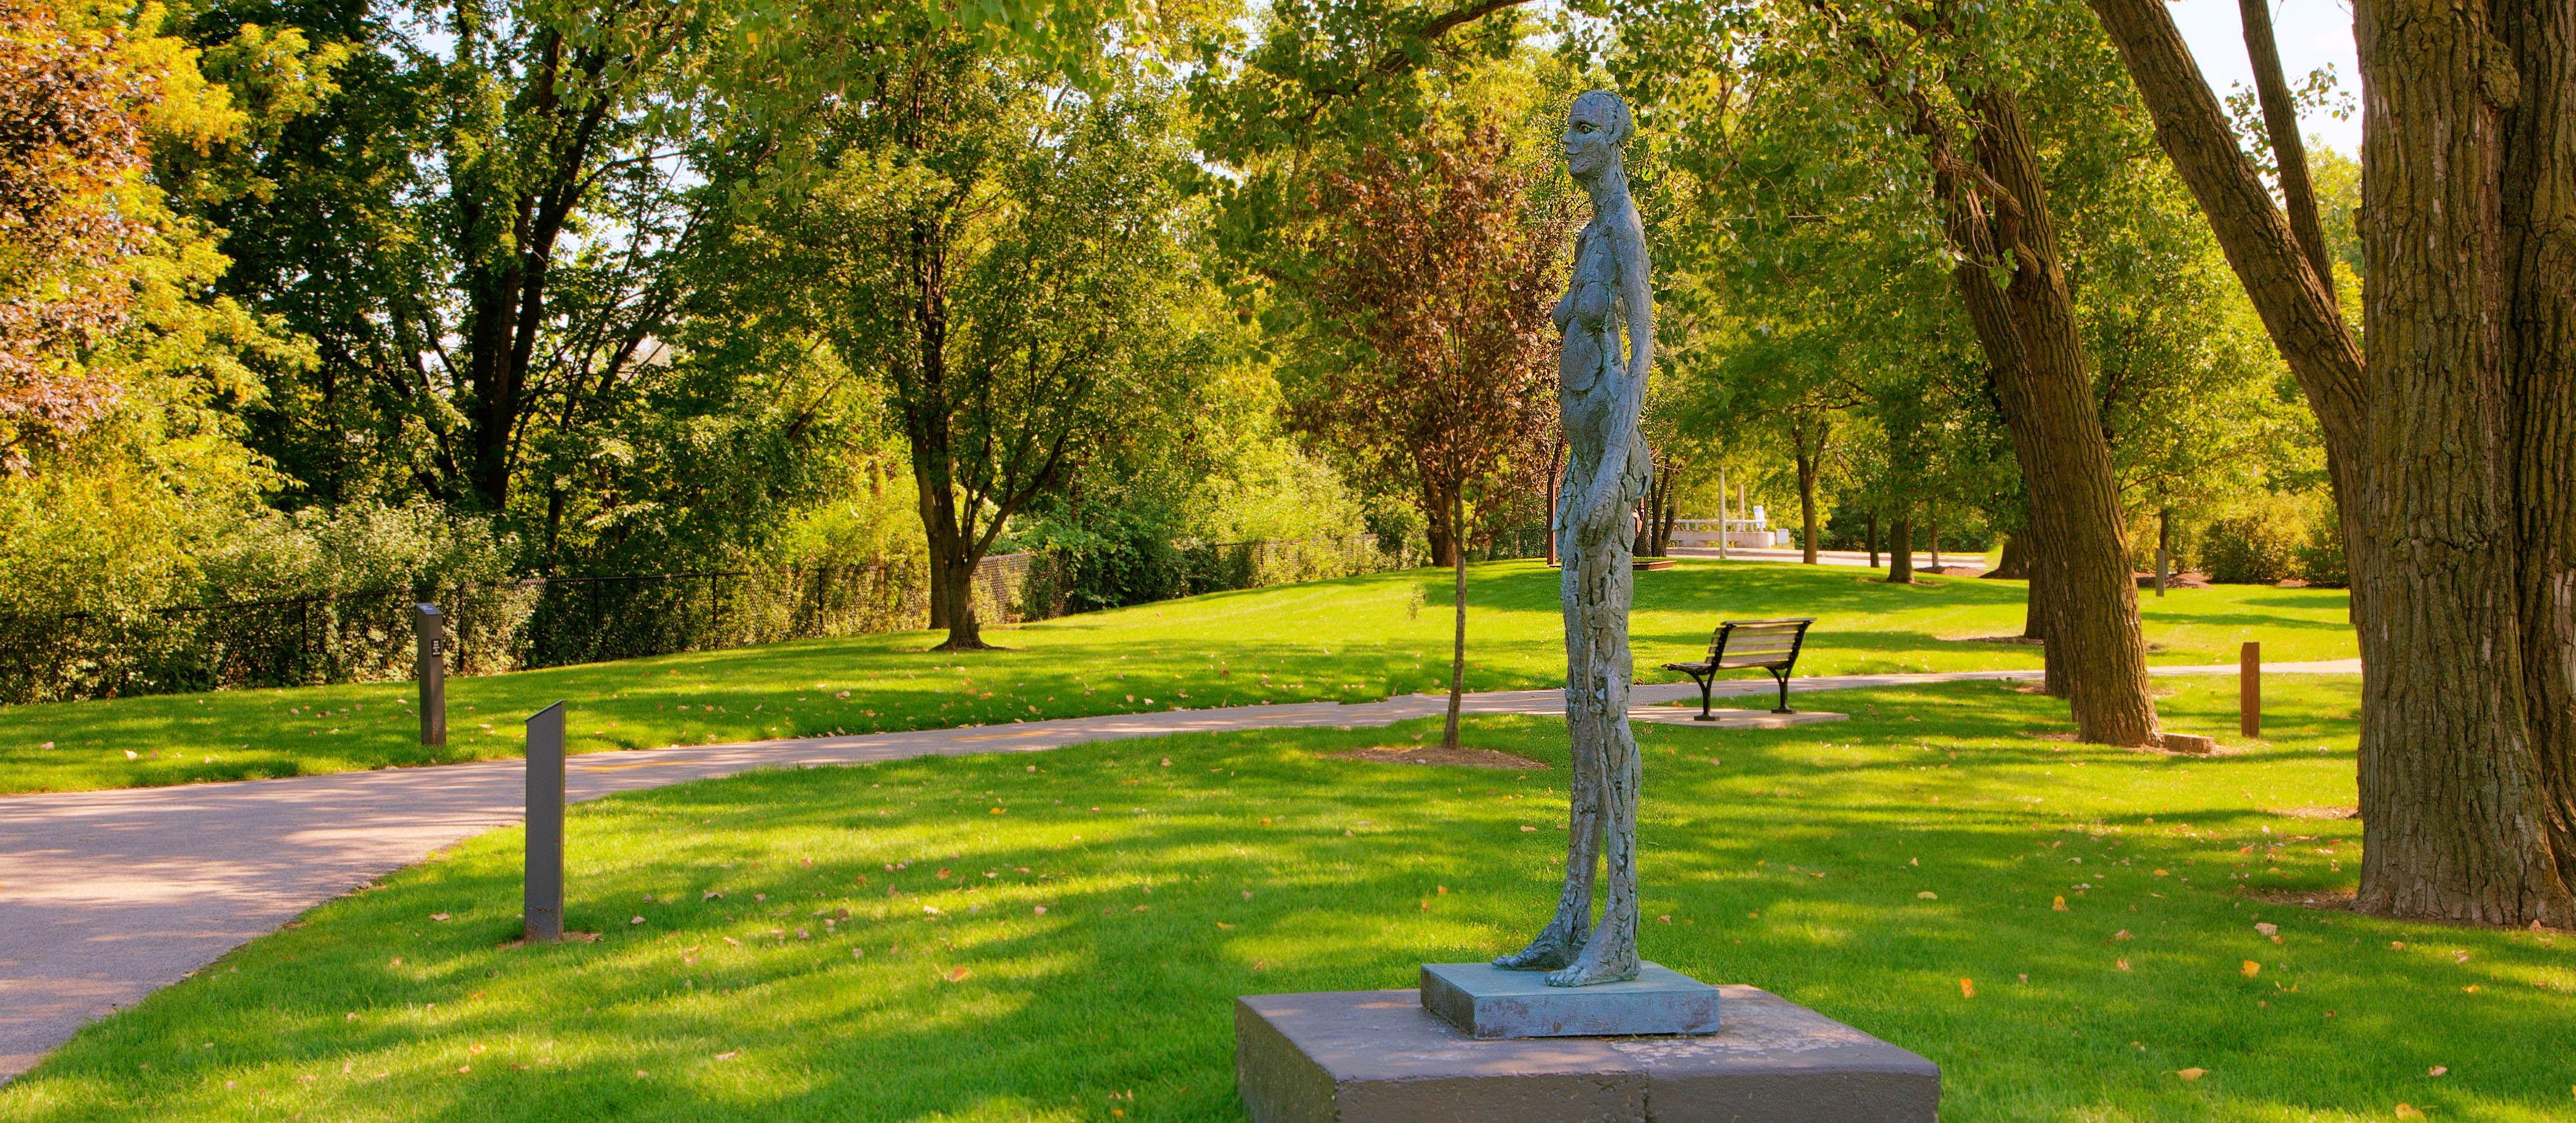 32e5dc529503afbab3efbe9543e1bdfa - Chicago Women's Park And Gardens